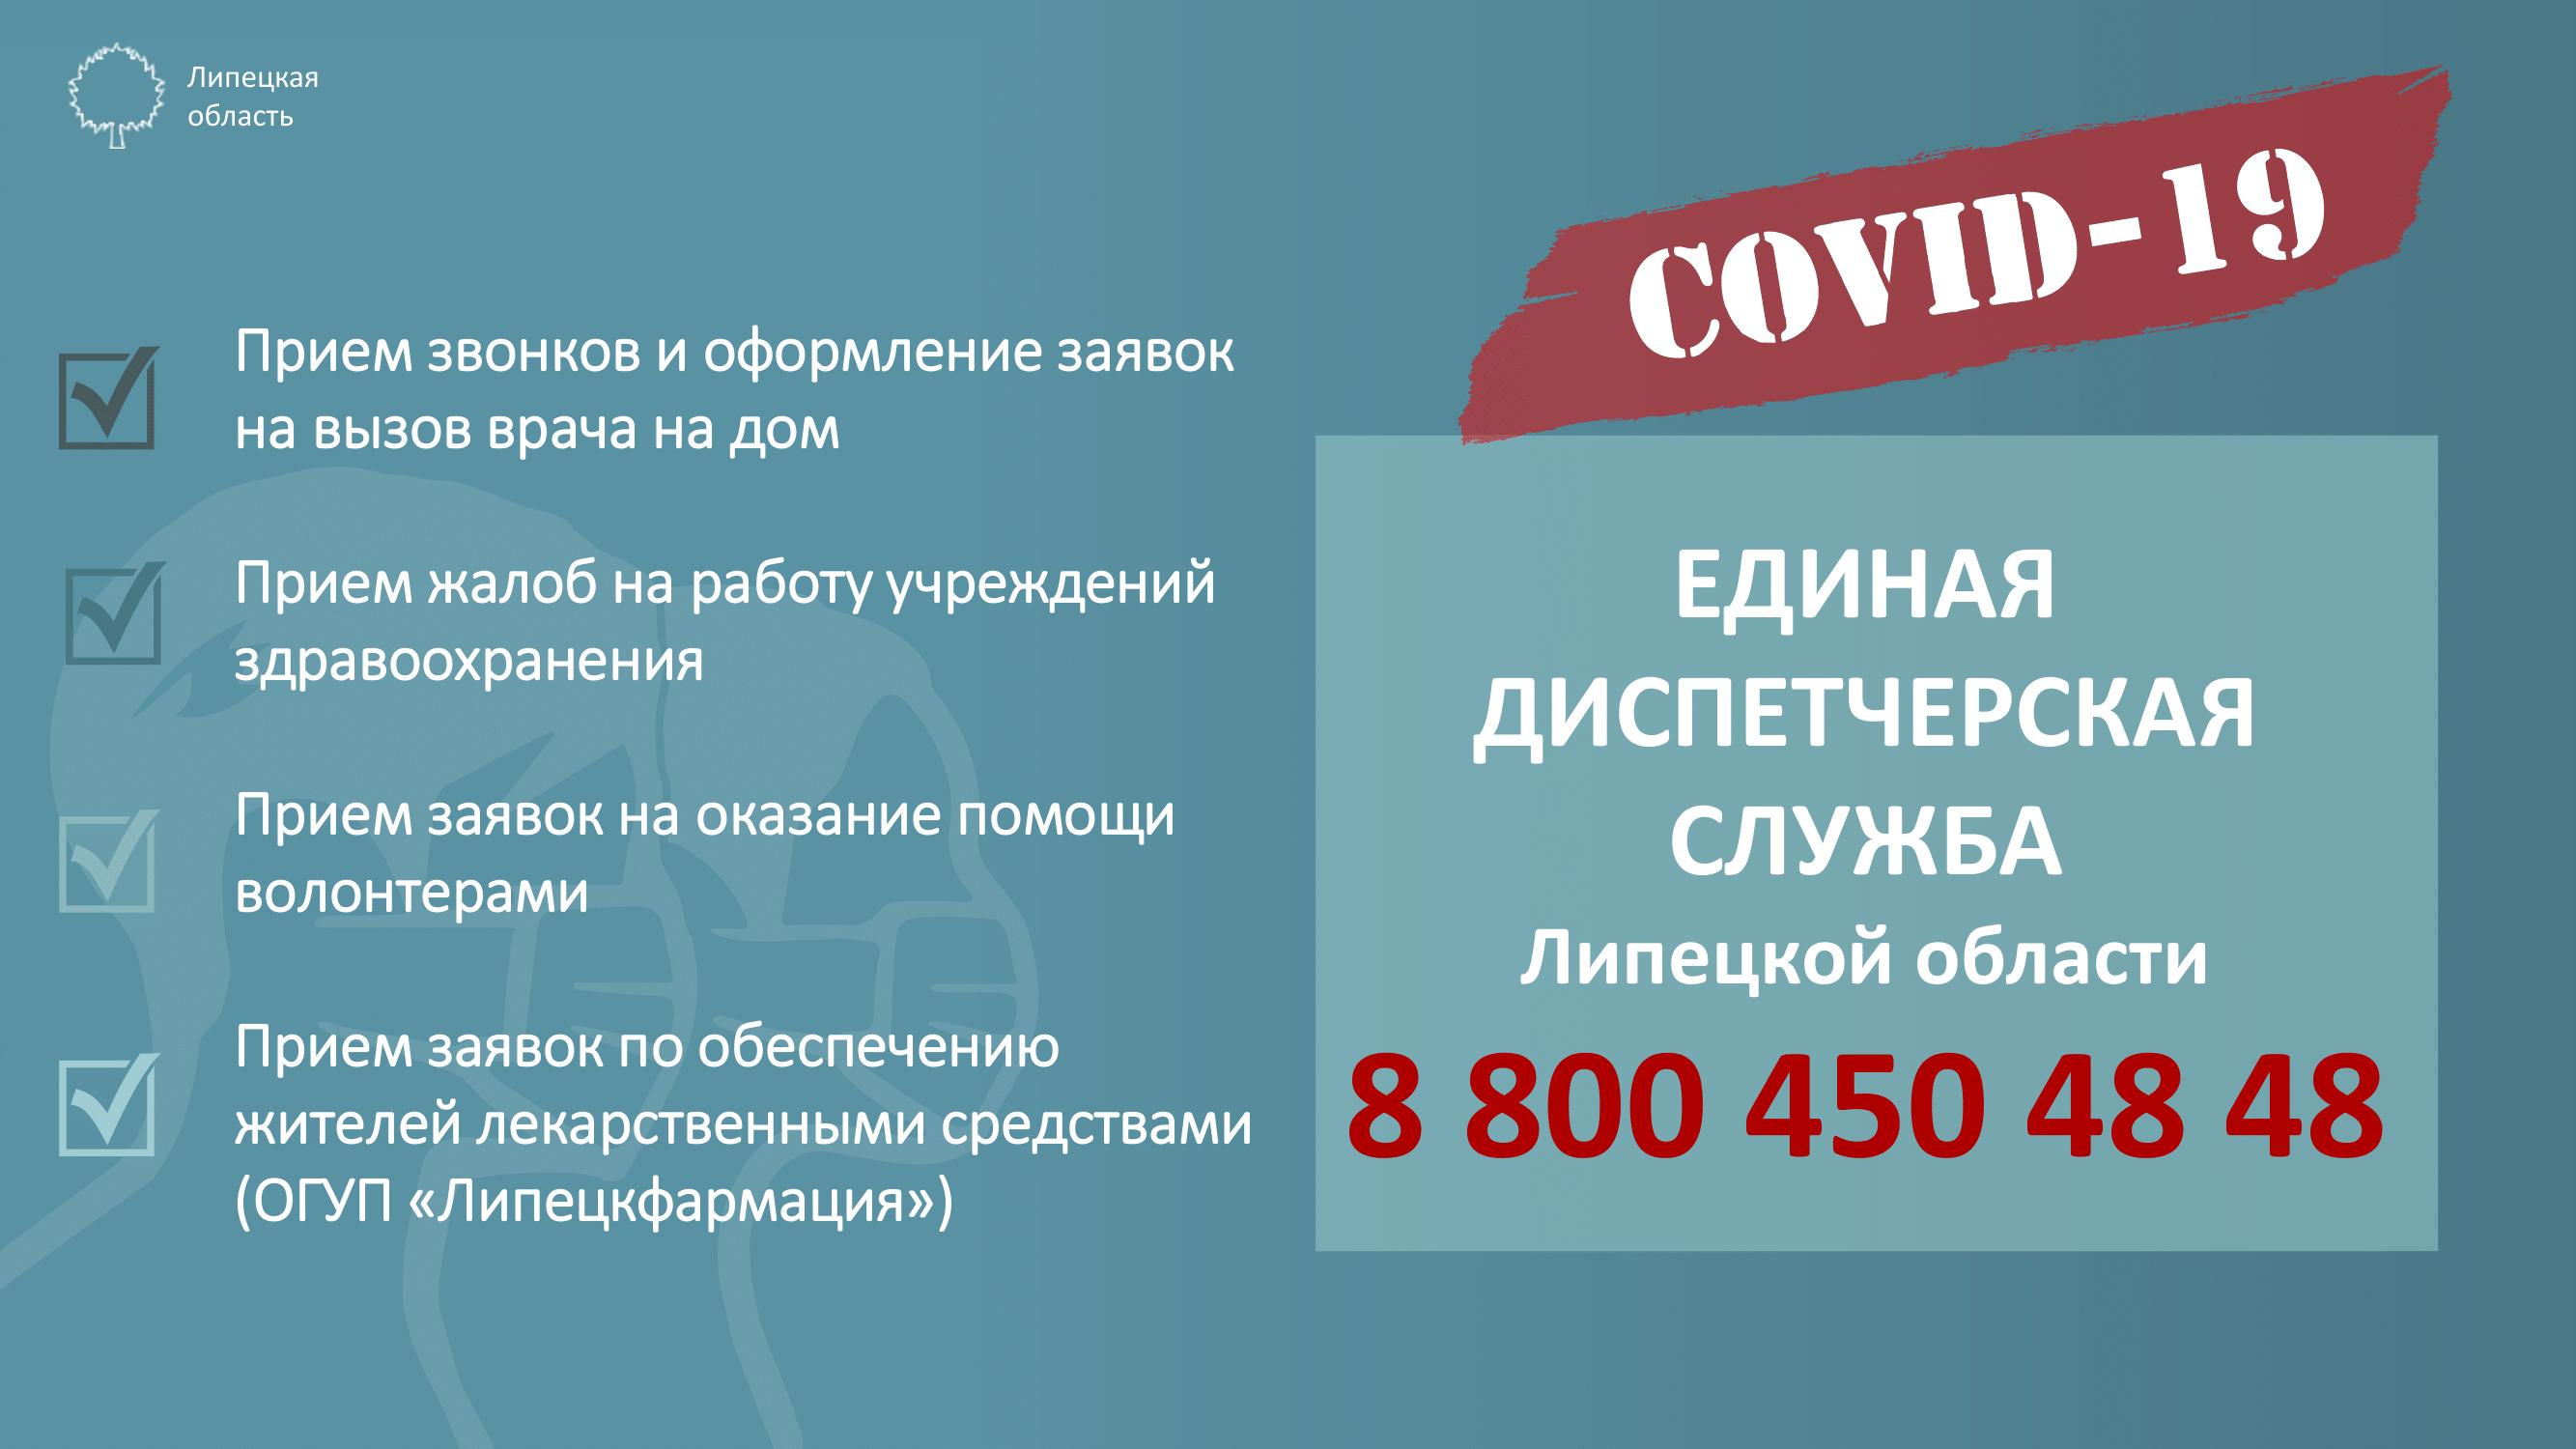 Помощь в период пандемии в Липецкой области-02